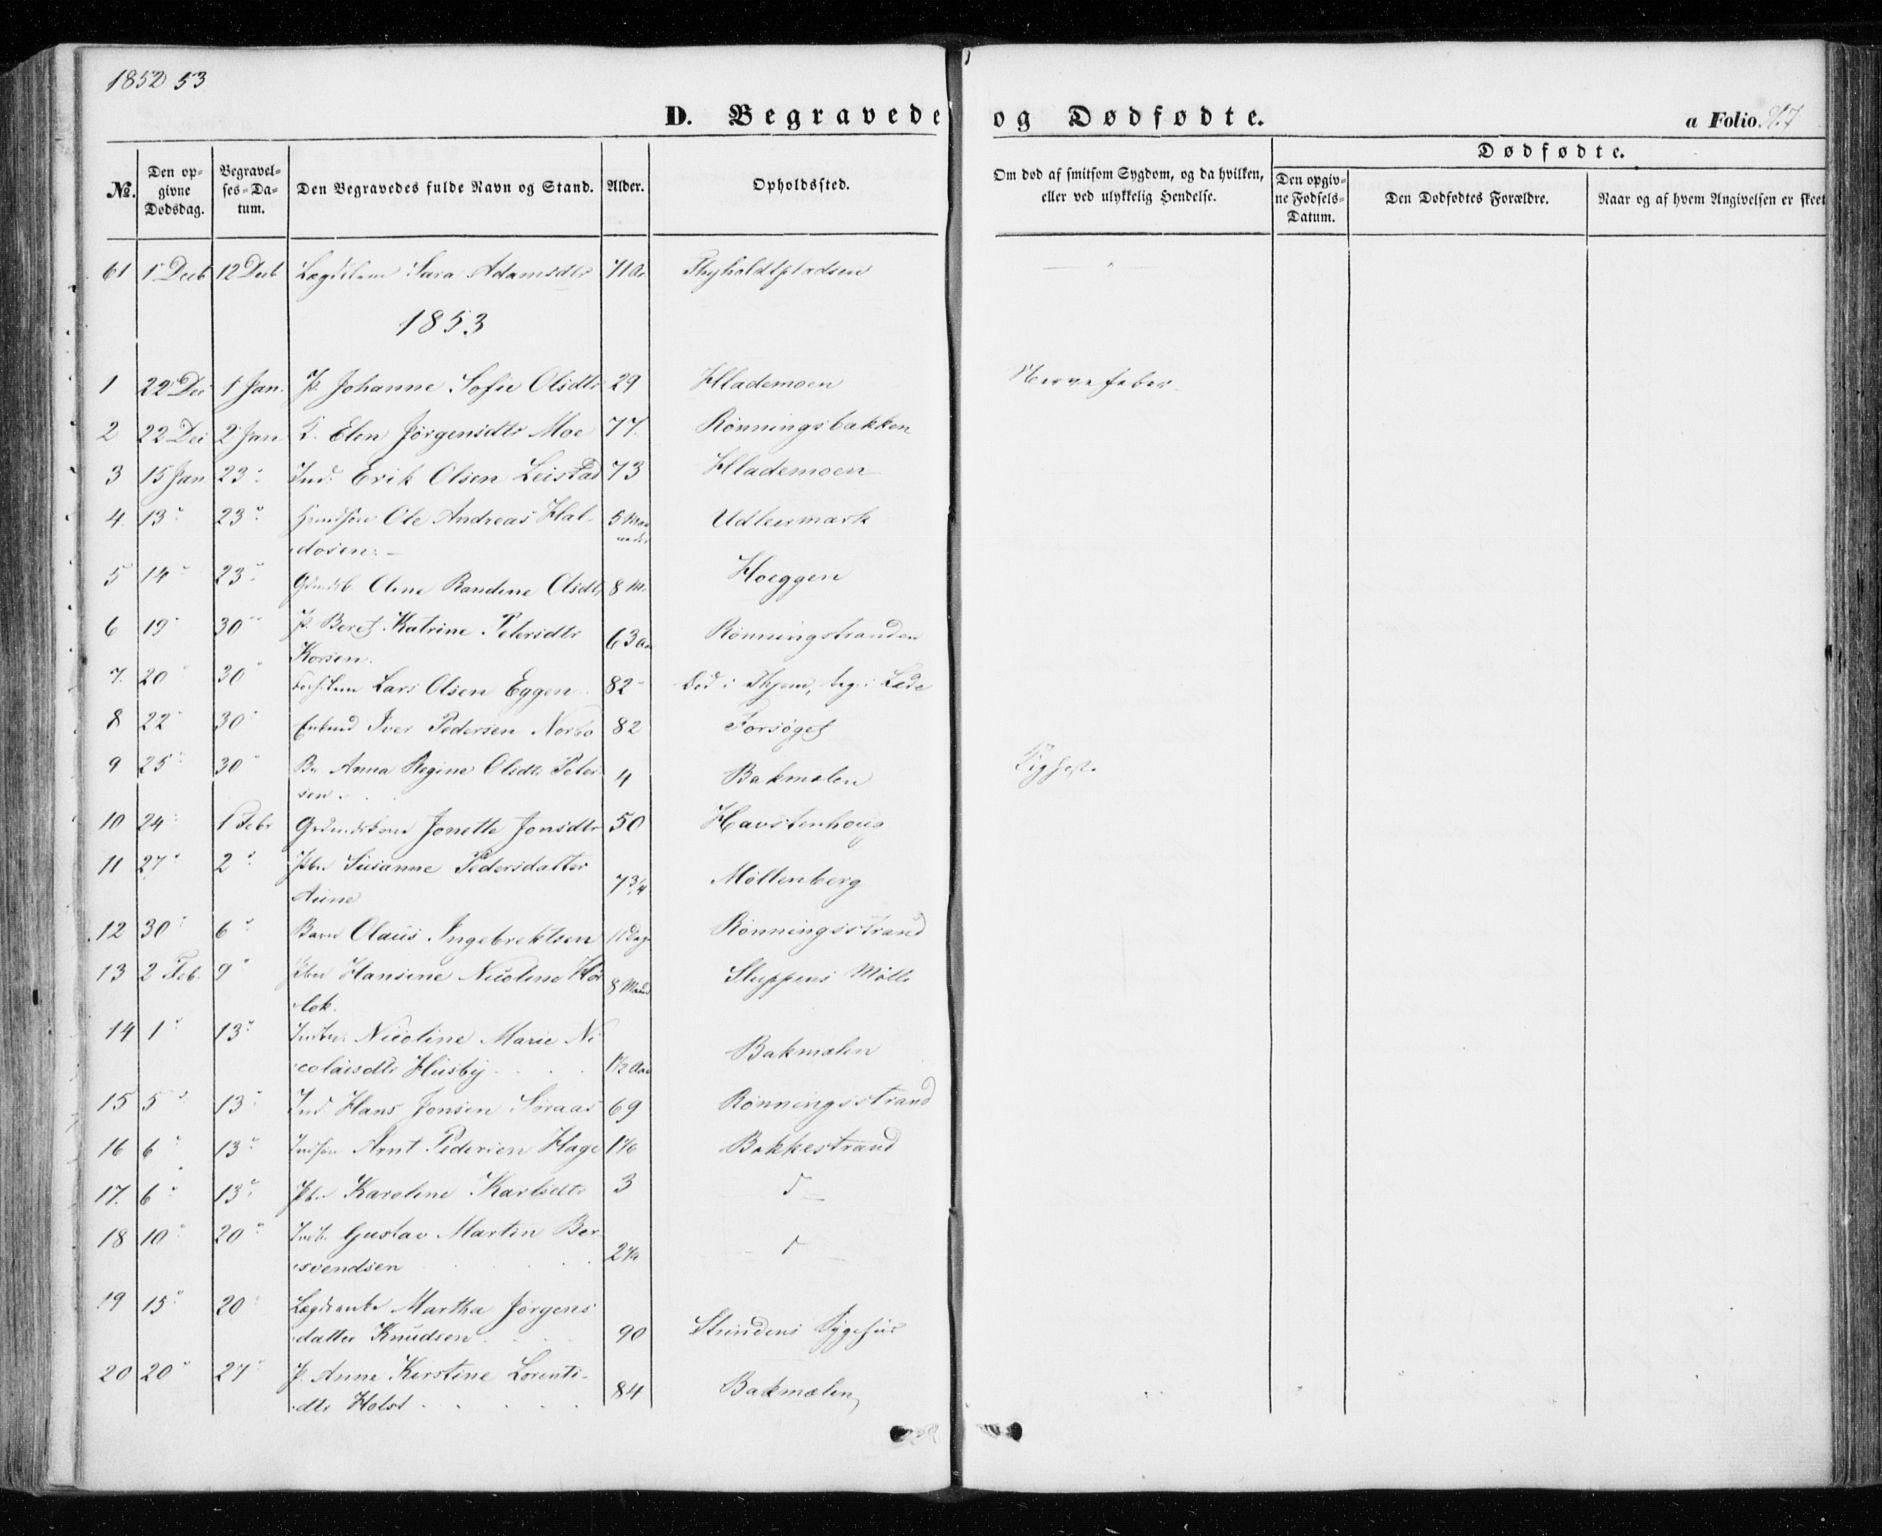 SAT, Ministerialprotokoller, klokkerbøker og fødselsregistre - Sør-Trøndelag, 606/L0291: Ministerialbok nr. 606A06, 1848-1856, s. 267